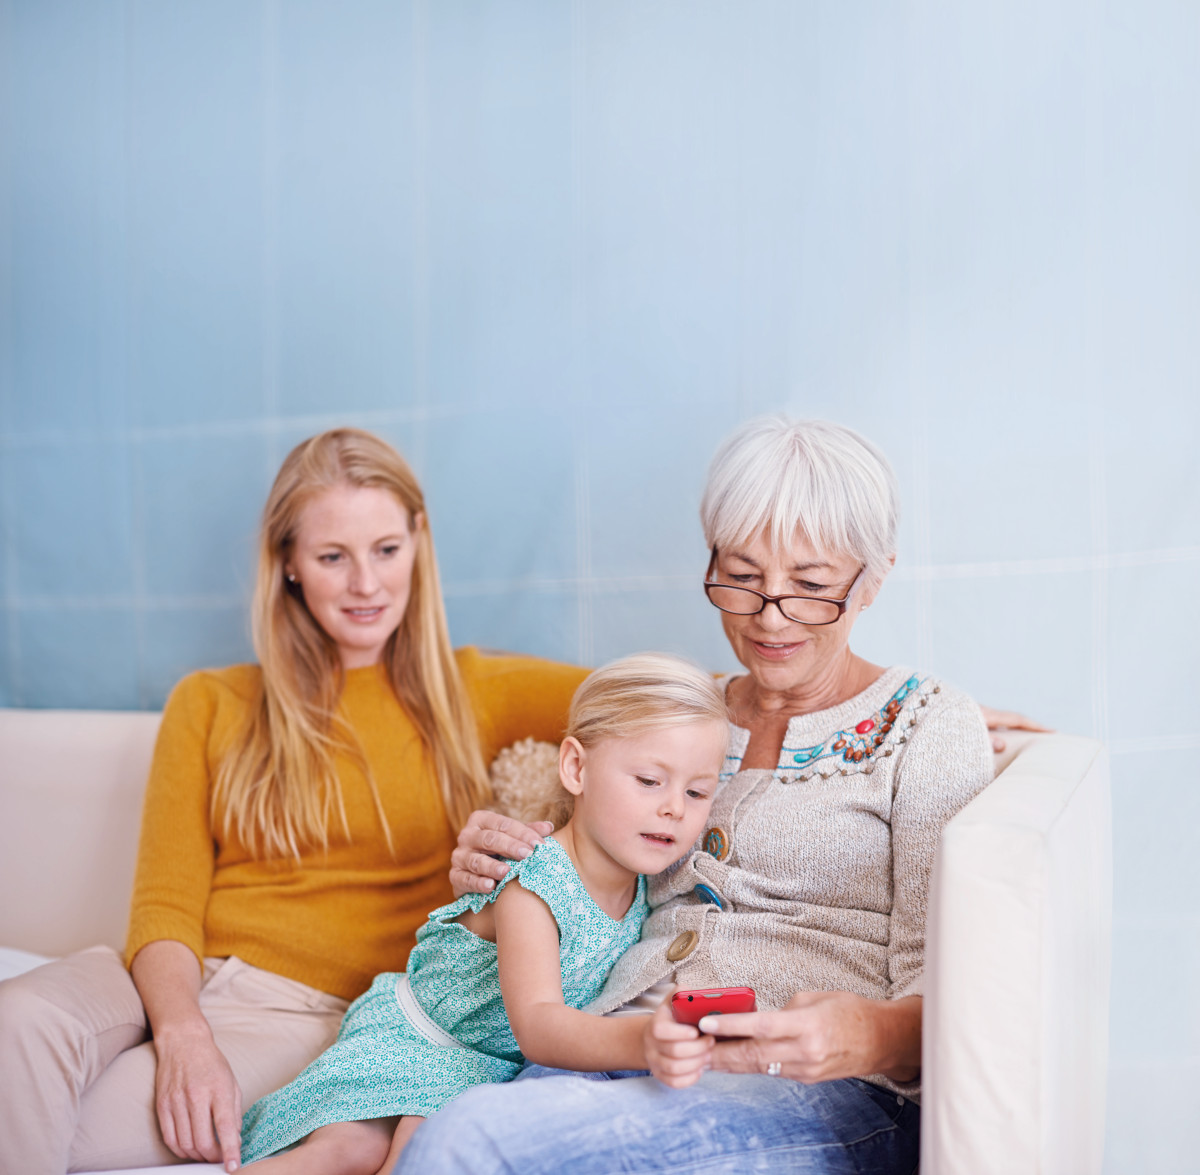 El regalo perfecto para el día de los abuelos: un móvil que acerca generaciones